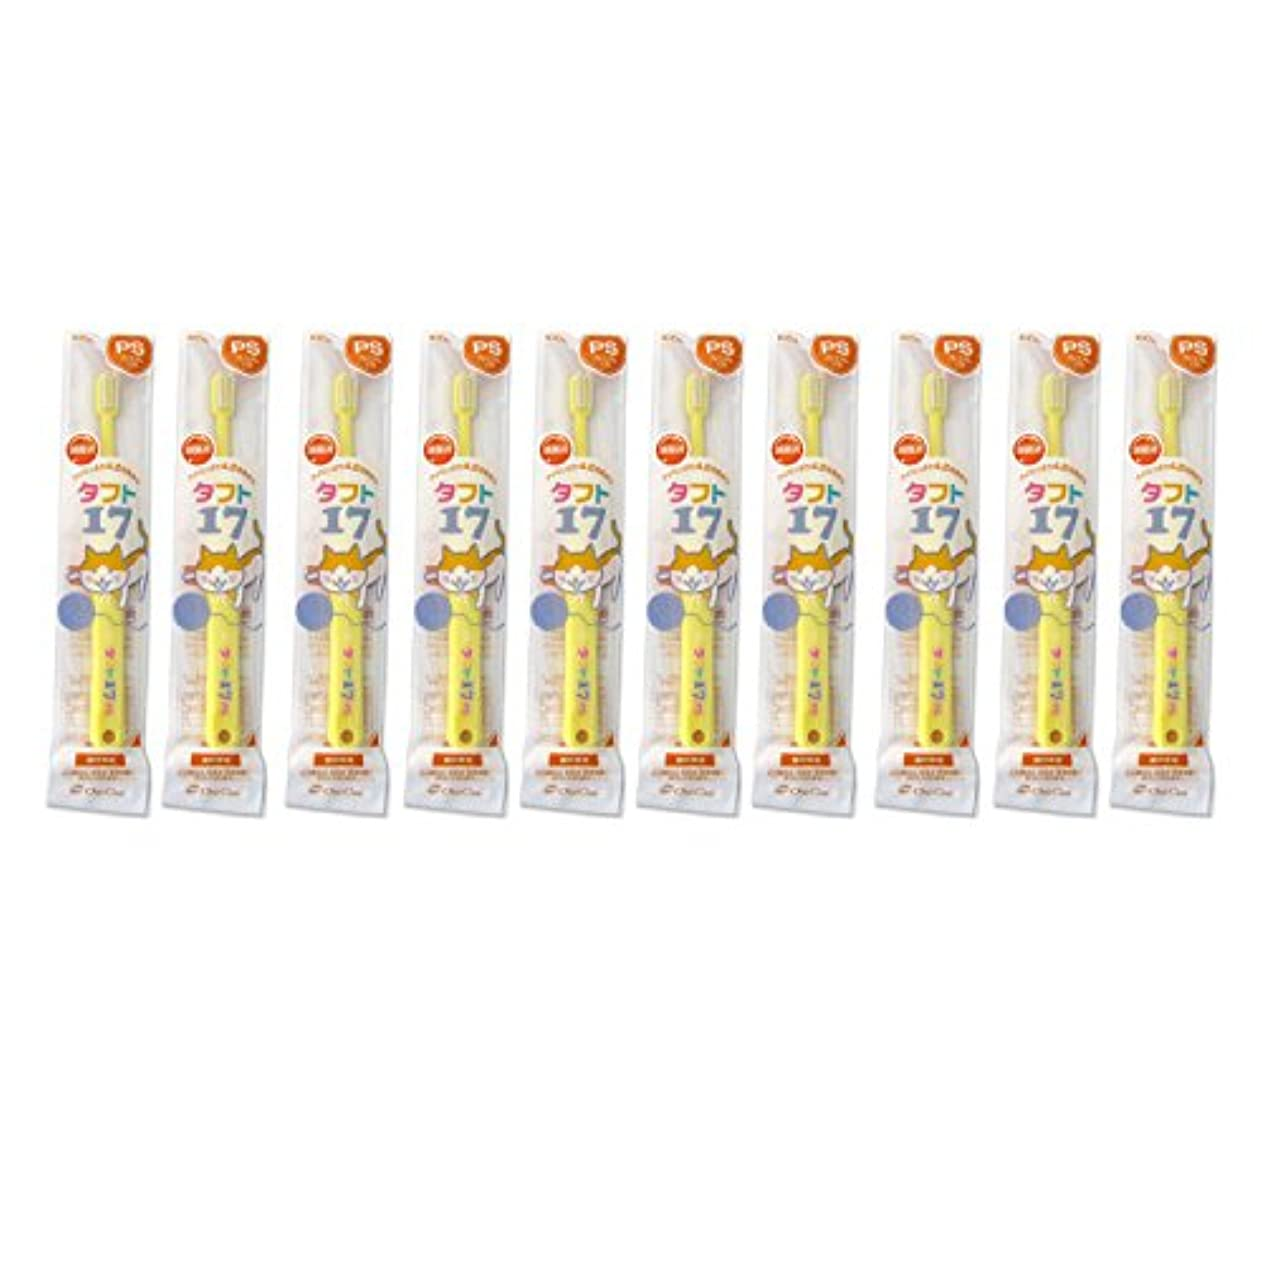 日没対話ビンタフト17 10本 オーラルケア タフト17/プレミアムソフト 子供 タフト 乳歯列期(1~7歳)こども歯ブラシ 10本セット イエロー